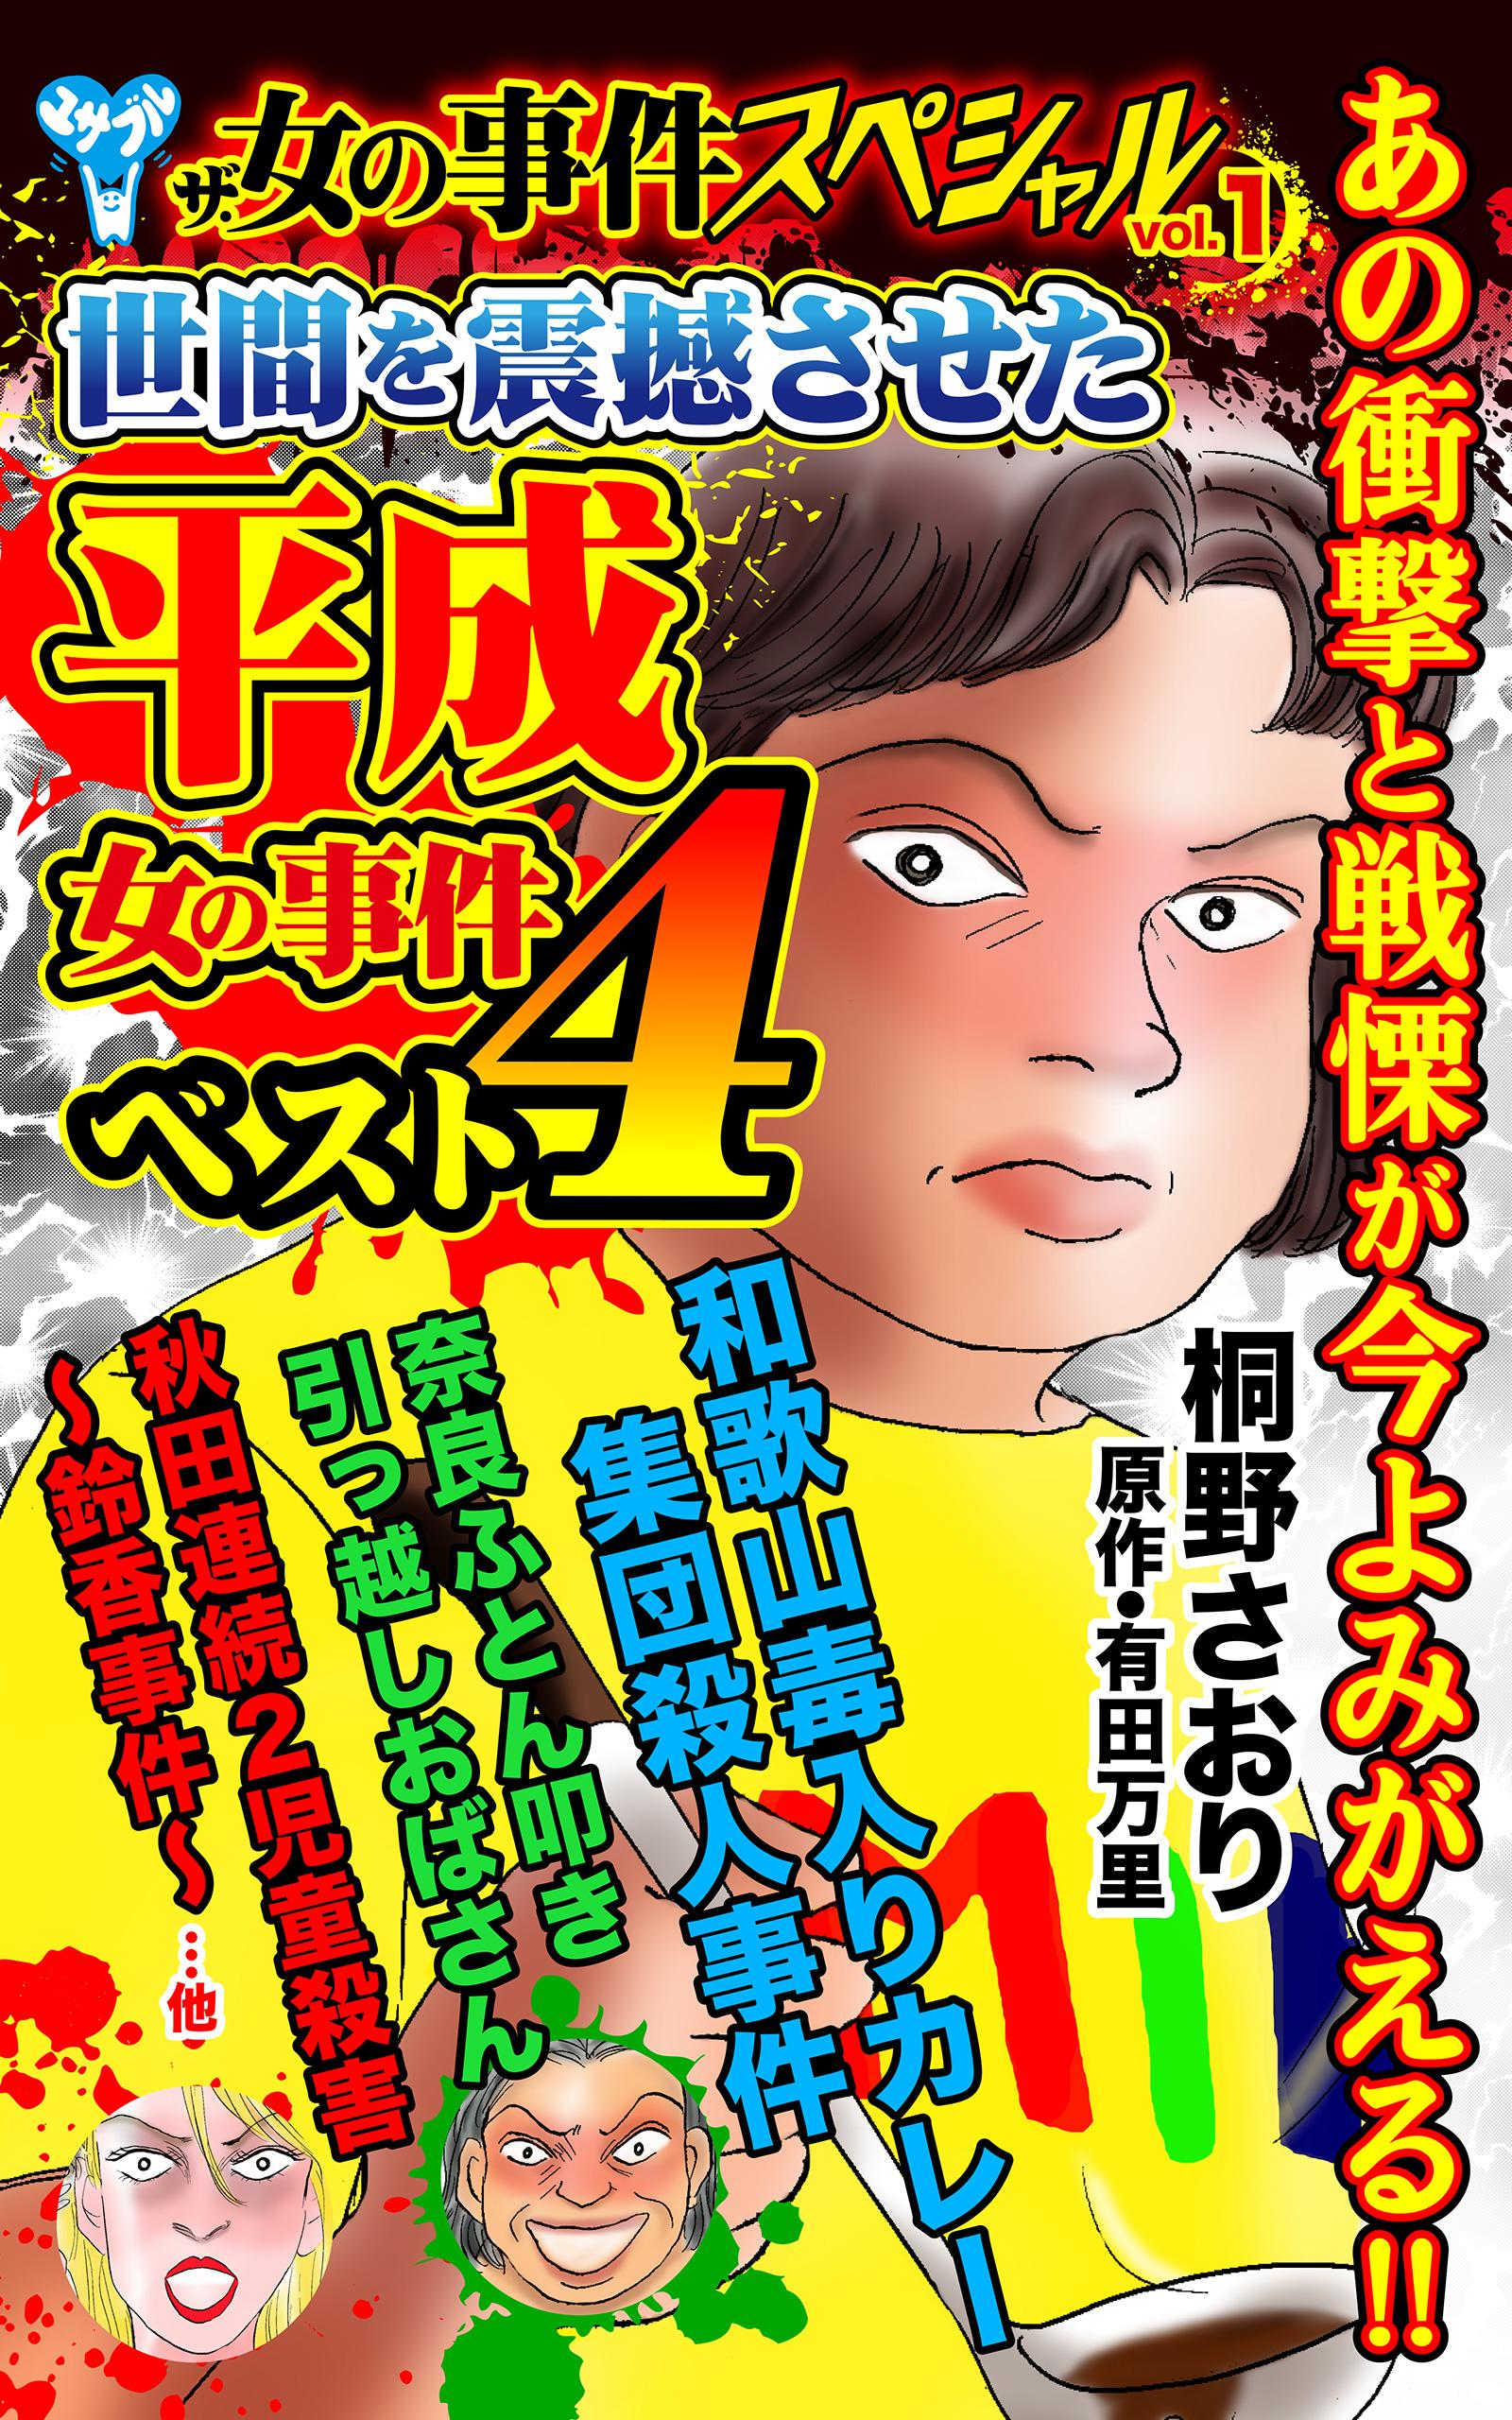 ザ・女の事件スペシャルVol.1(驚愕!!ふとん叩き引っ越しおばさんの知…)